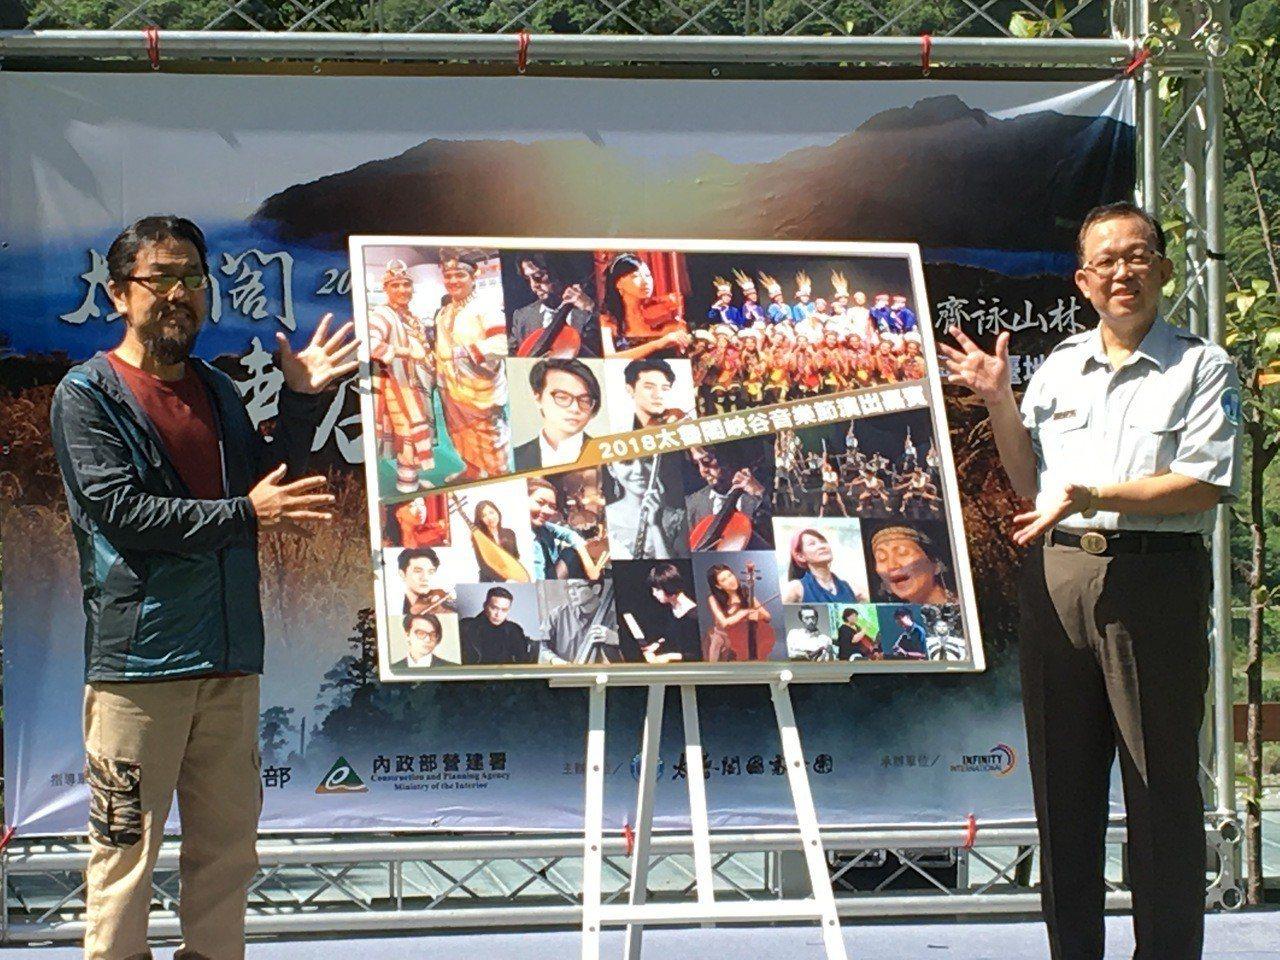 太魯閣國家管理處長楊模麟(右)與音樂總監范宗沛(左)公布今年太魯閣峽谷音樂節的卡...